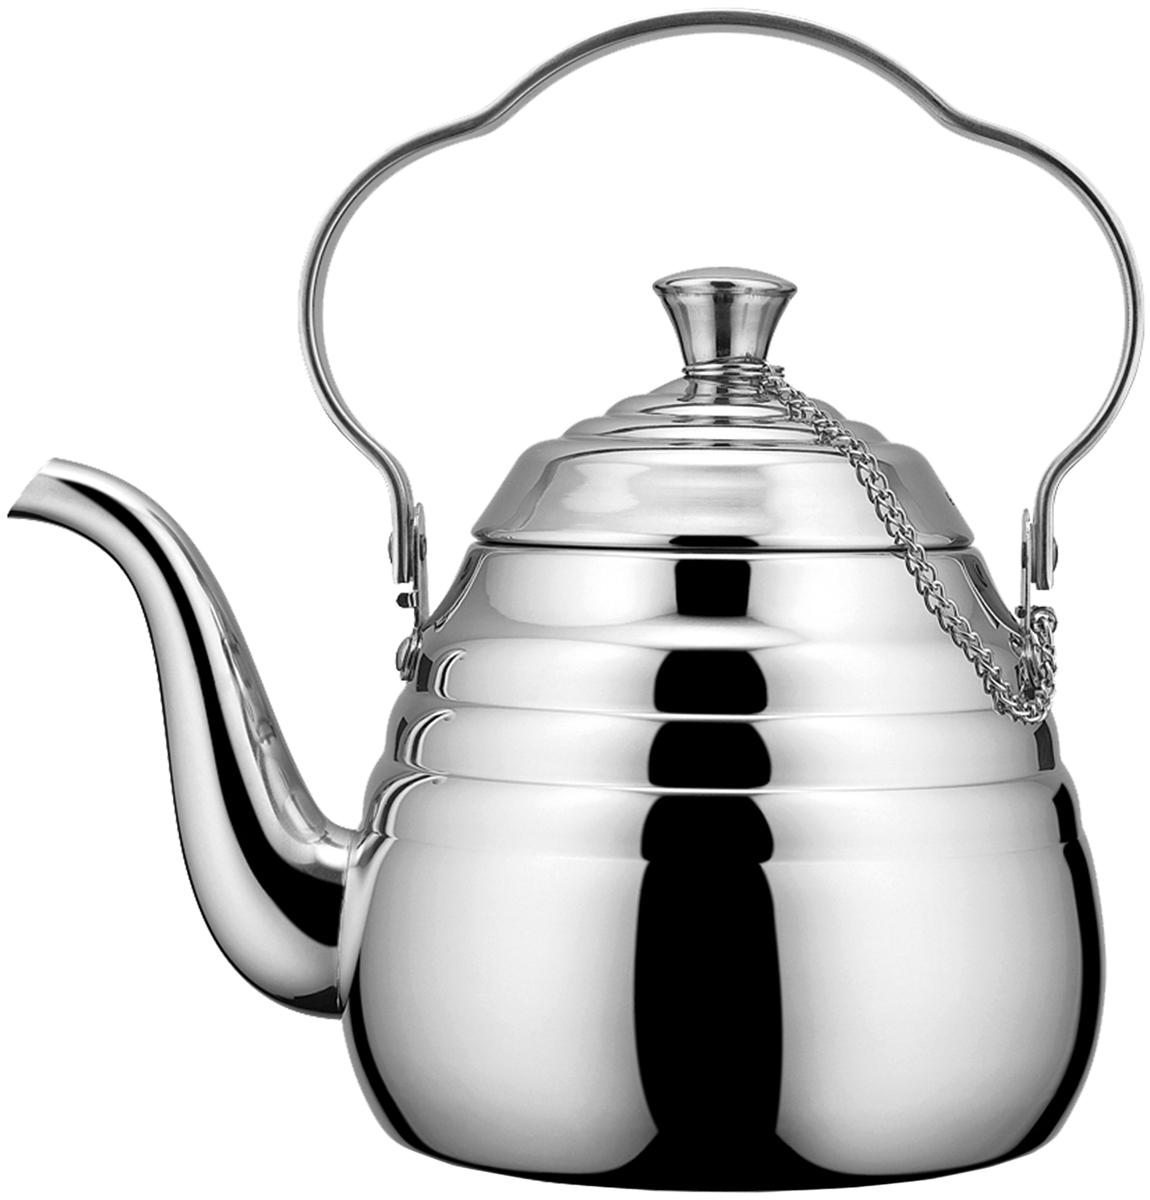 Чайник Fissman Trouville, для кипячения воды и заваривания чая, 1,5 л gipfel чайник для кипячения воды visit 2 7 л